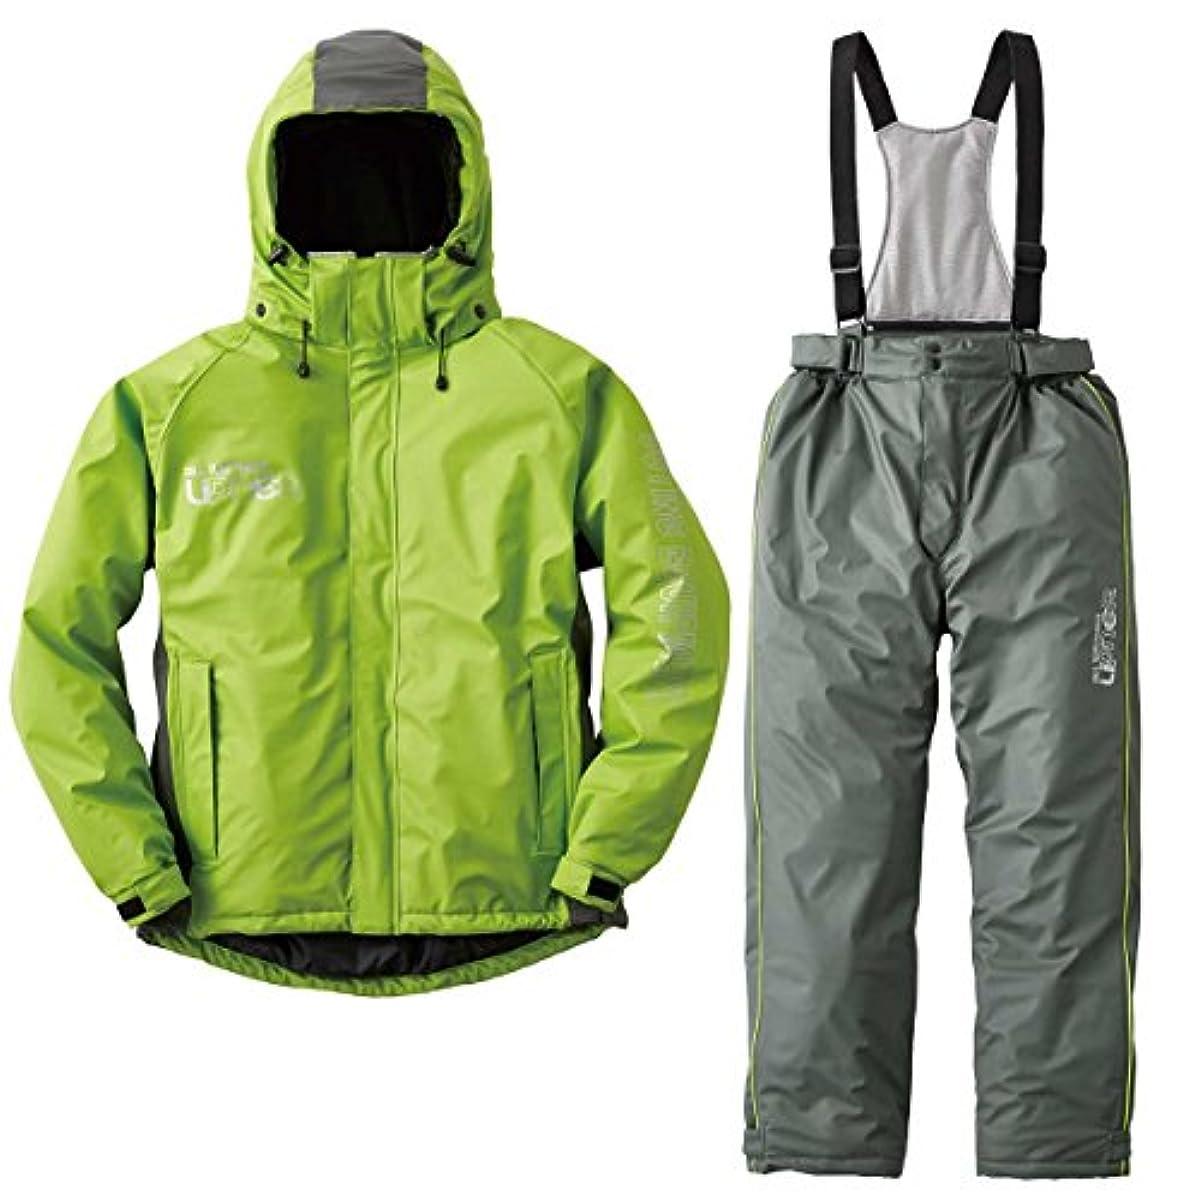 証明書放射性ボットリプナー(LIPNER) 油に強い防水防寒スーツ サーレ